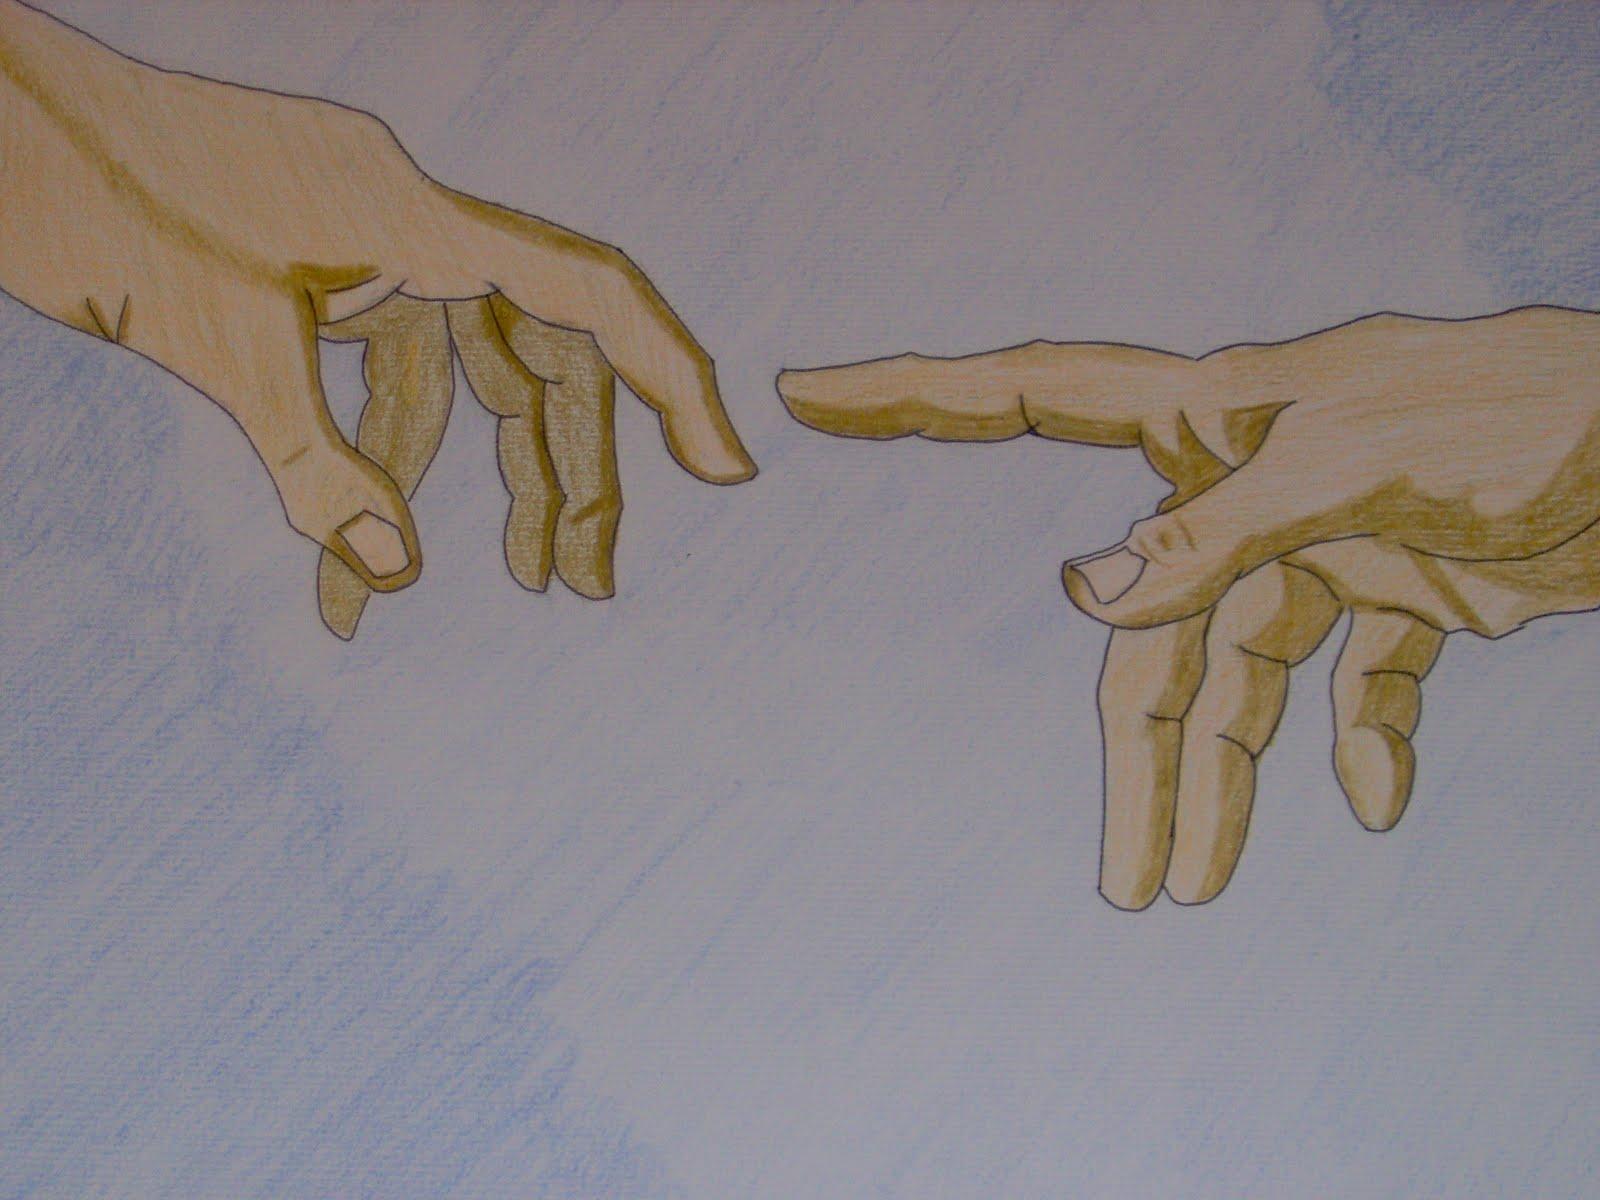 Disegni a Mano Libera: Ecco il mio disegno sulle mani